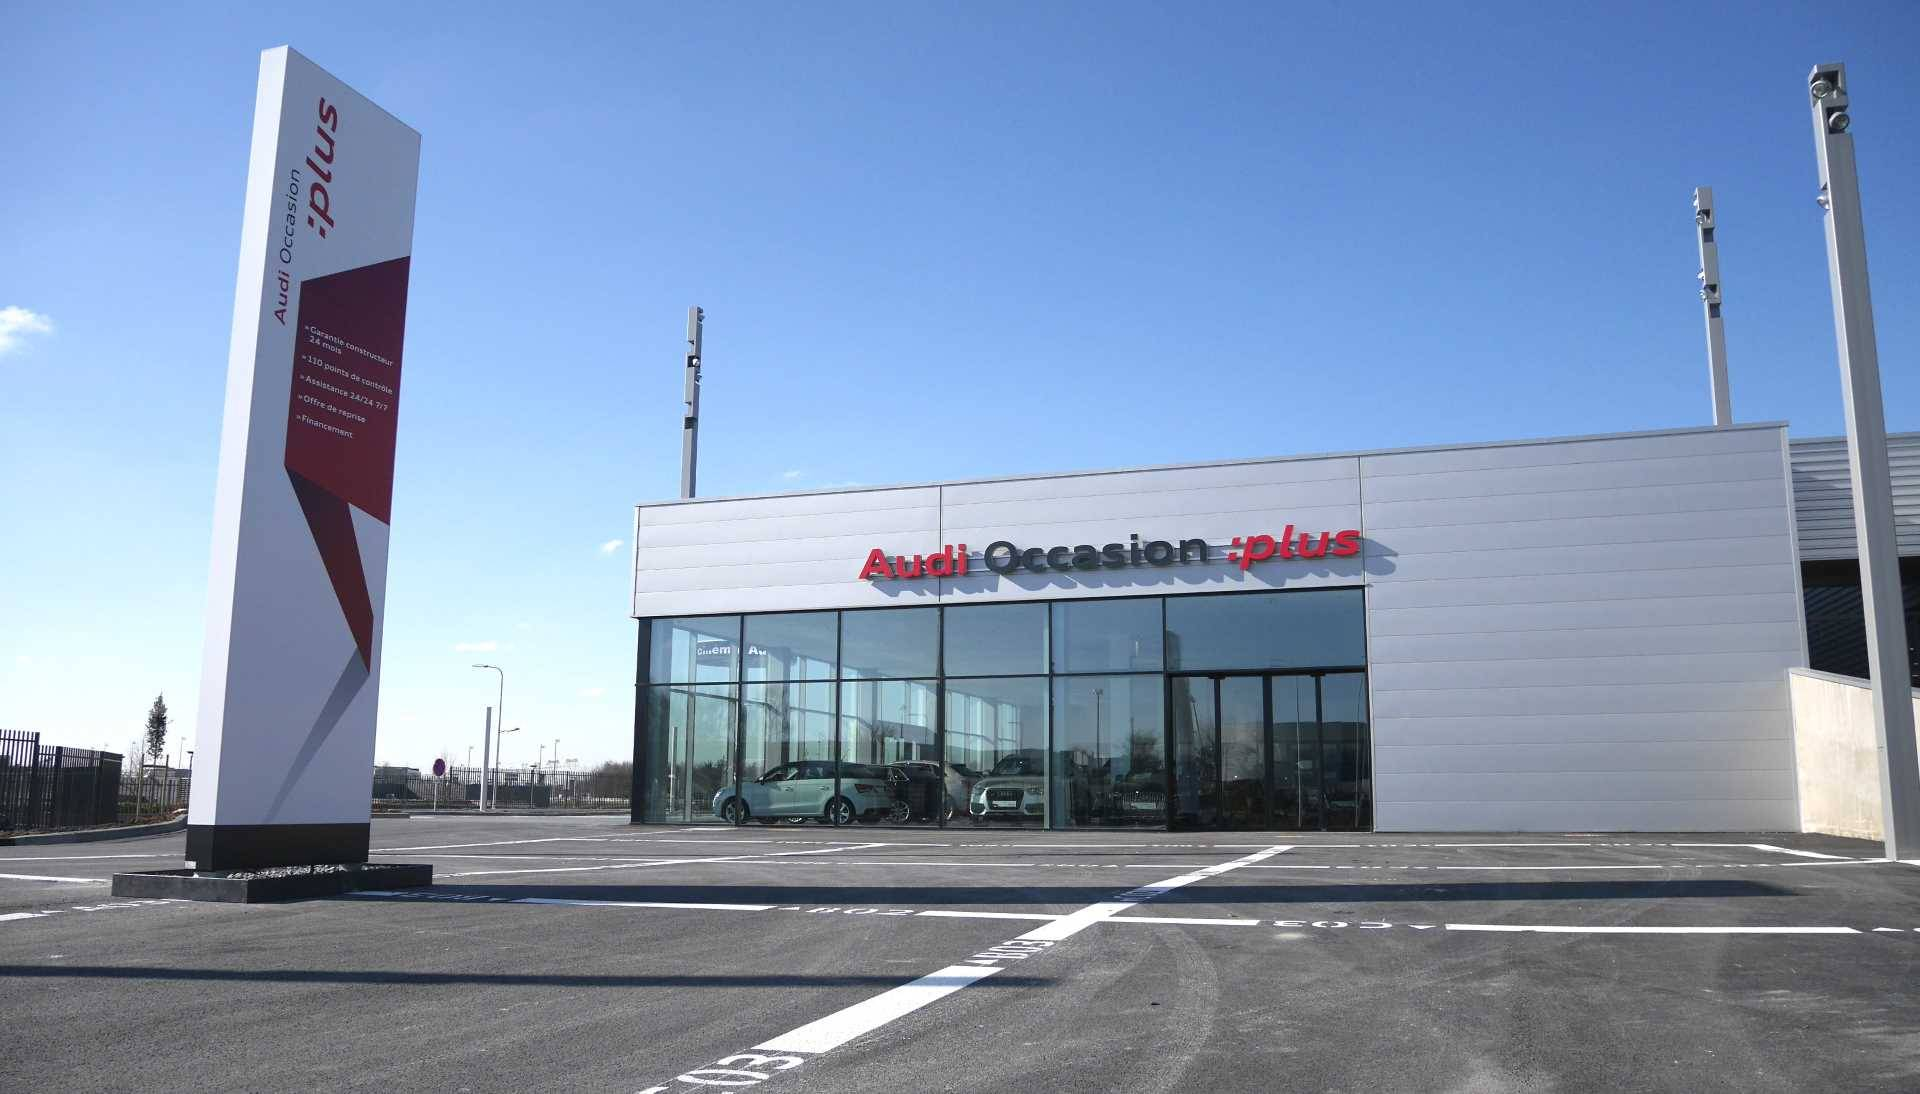 Audi Occasion :plus Bauer Paris Roissy 95